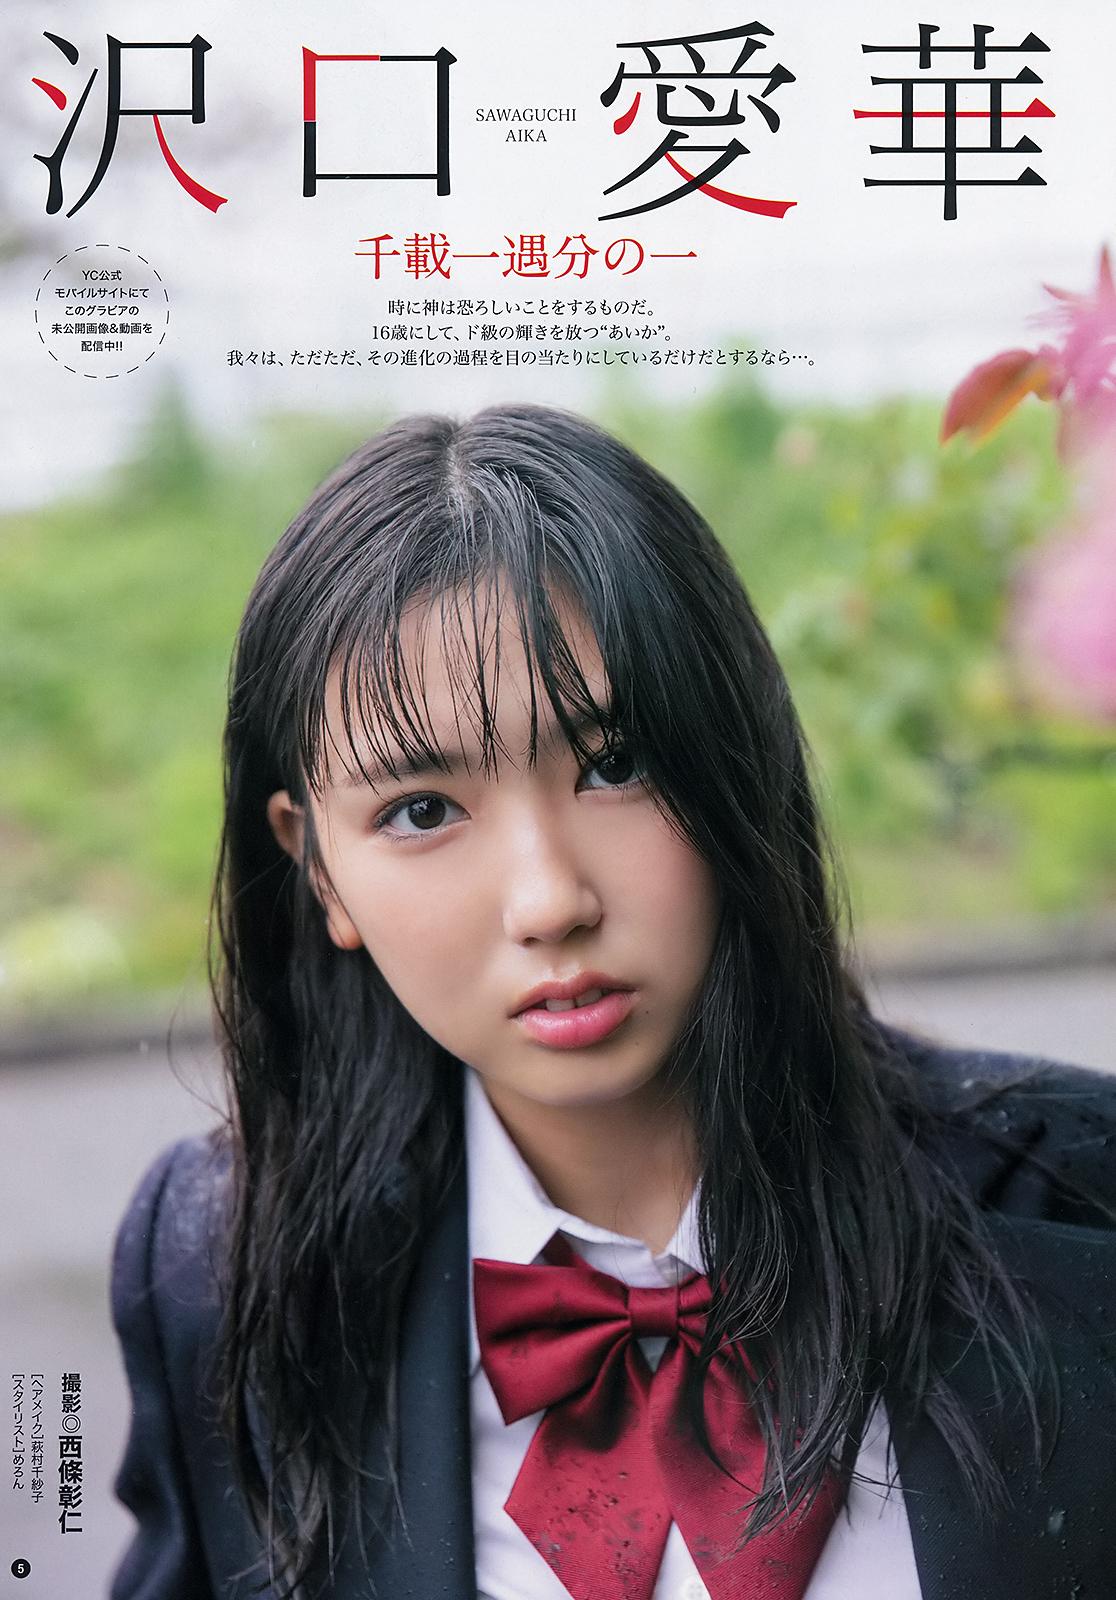 沢口愛華の画像 p1_27